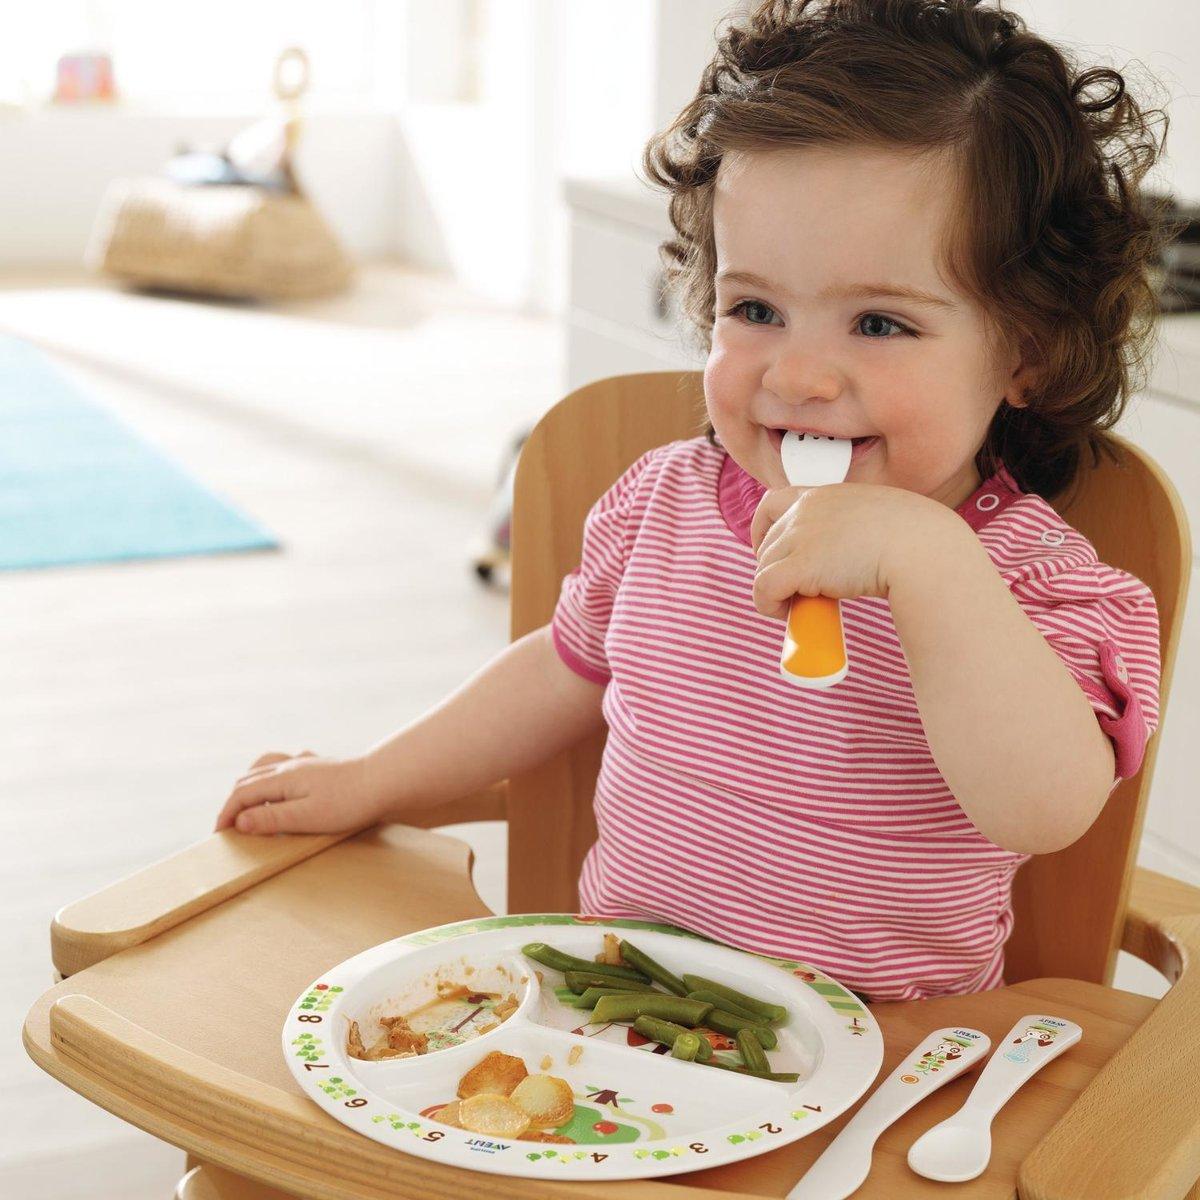 Голубь своими, картинки с изображением еды для детей